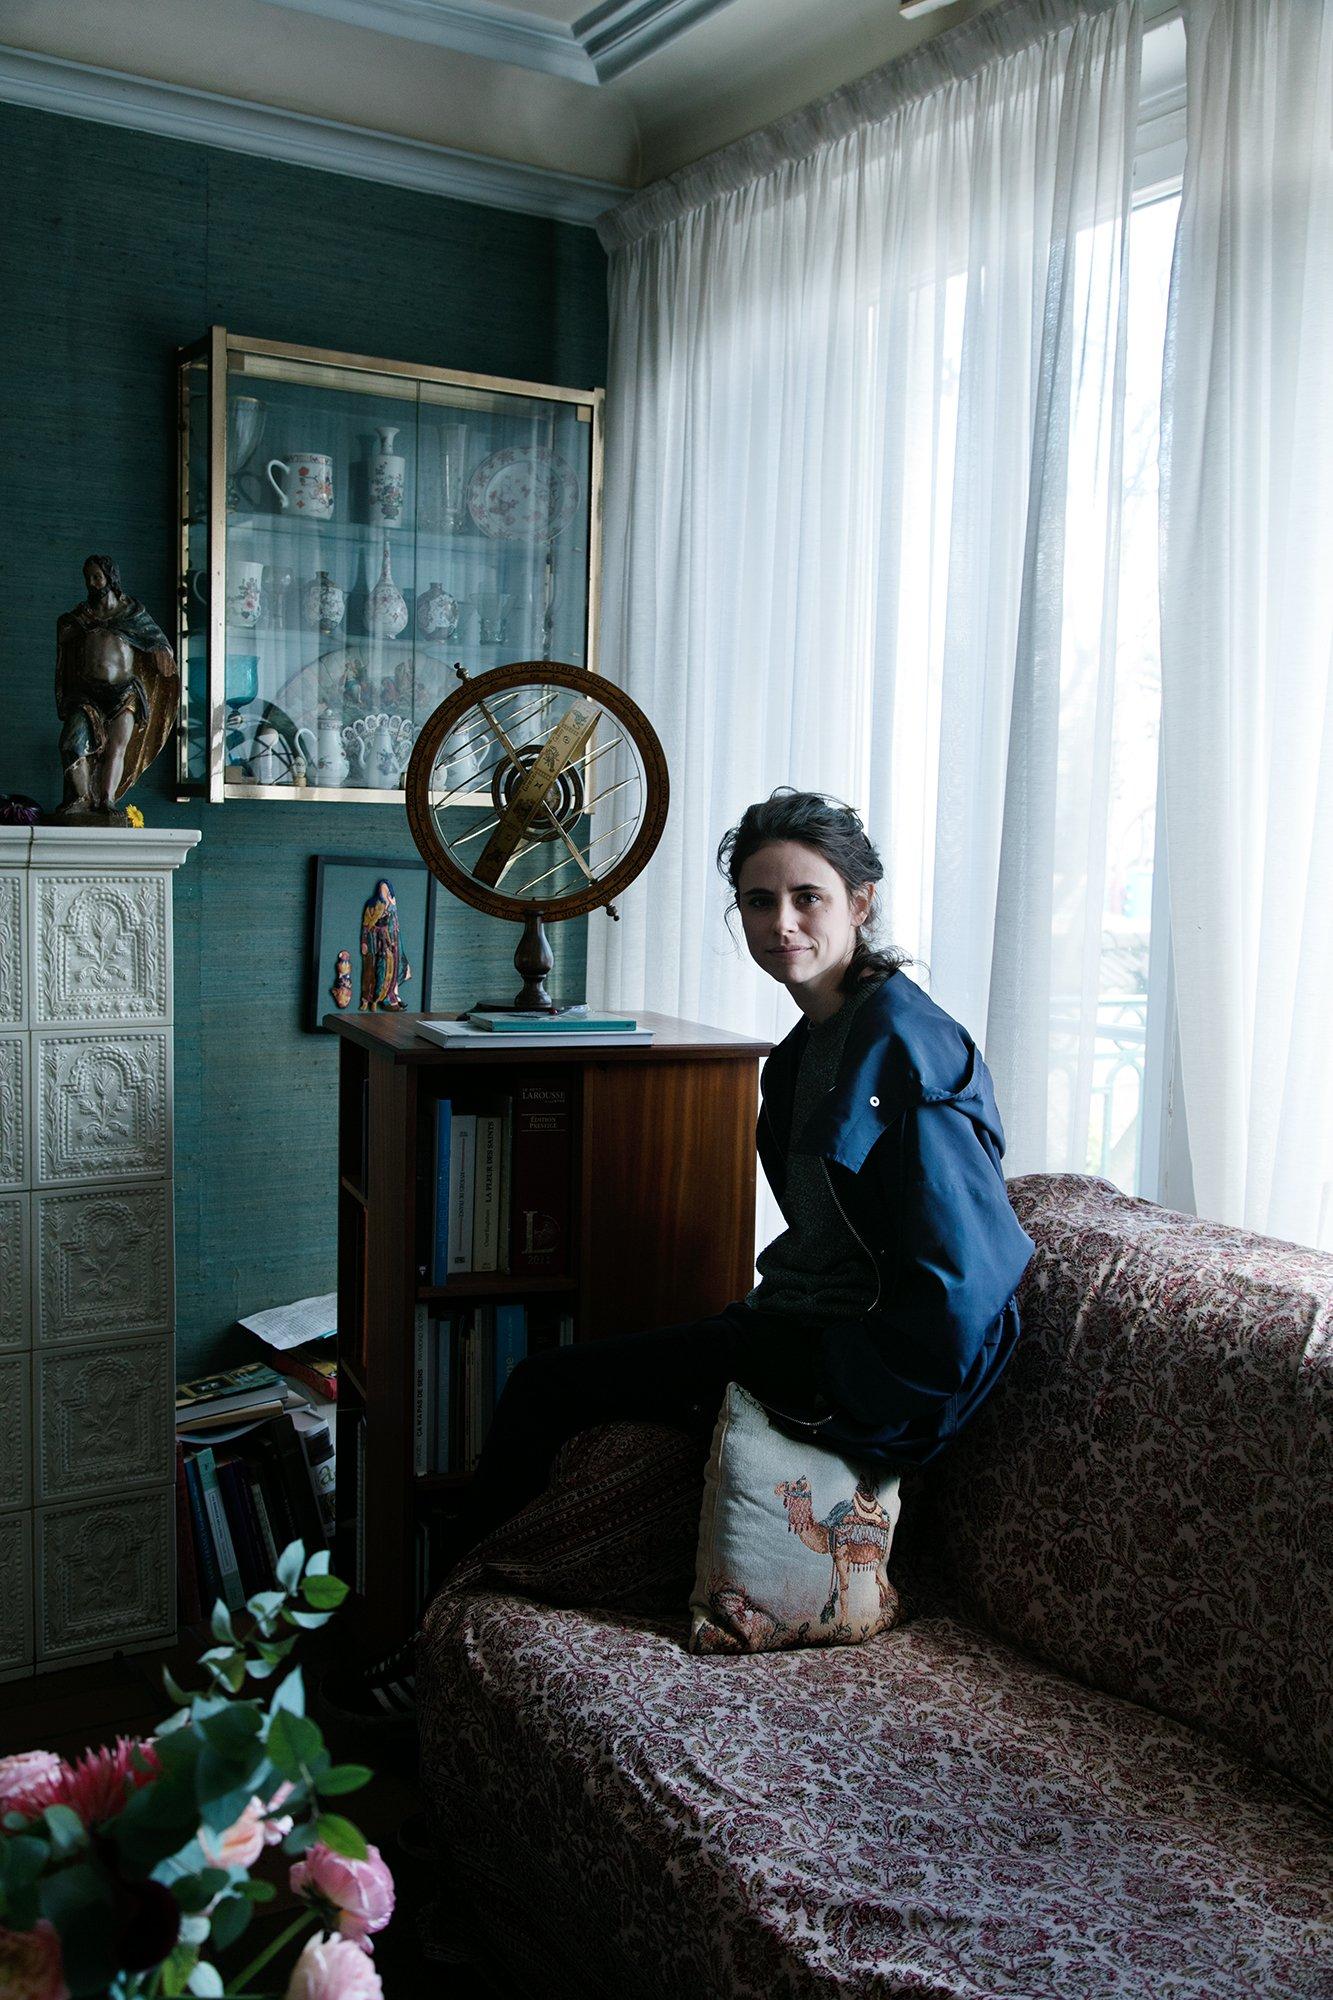 Claire Boreau Nue Paris Atelier Paris